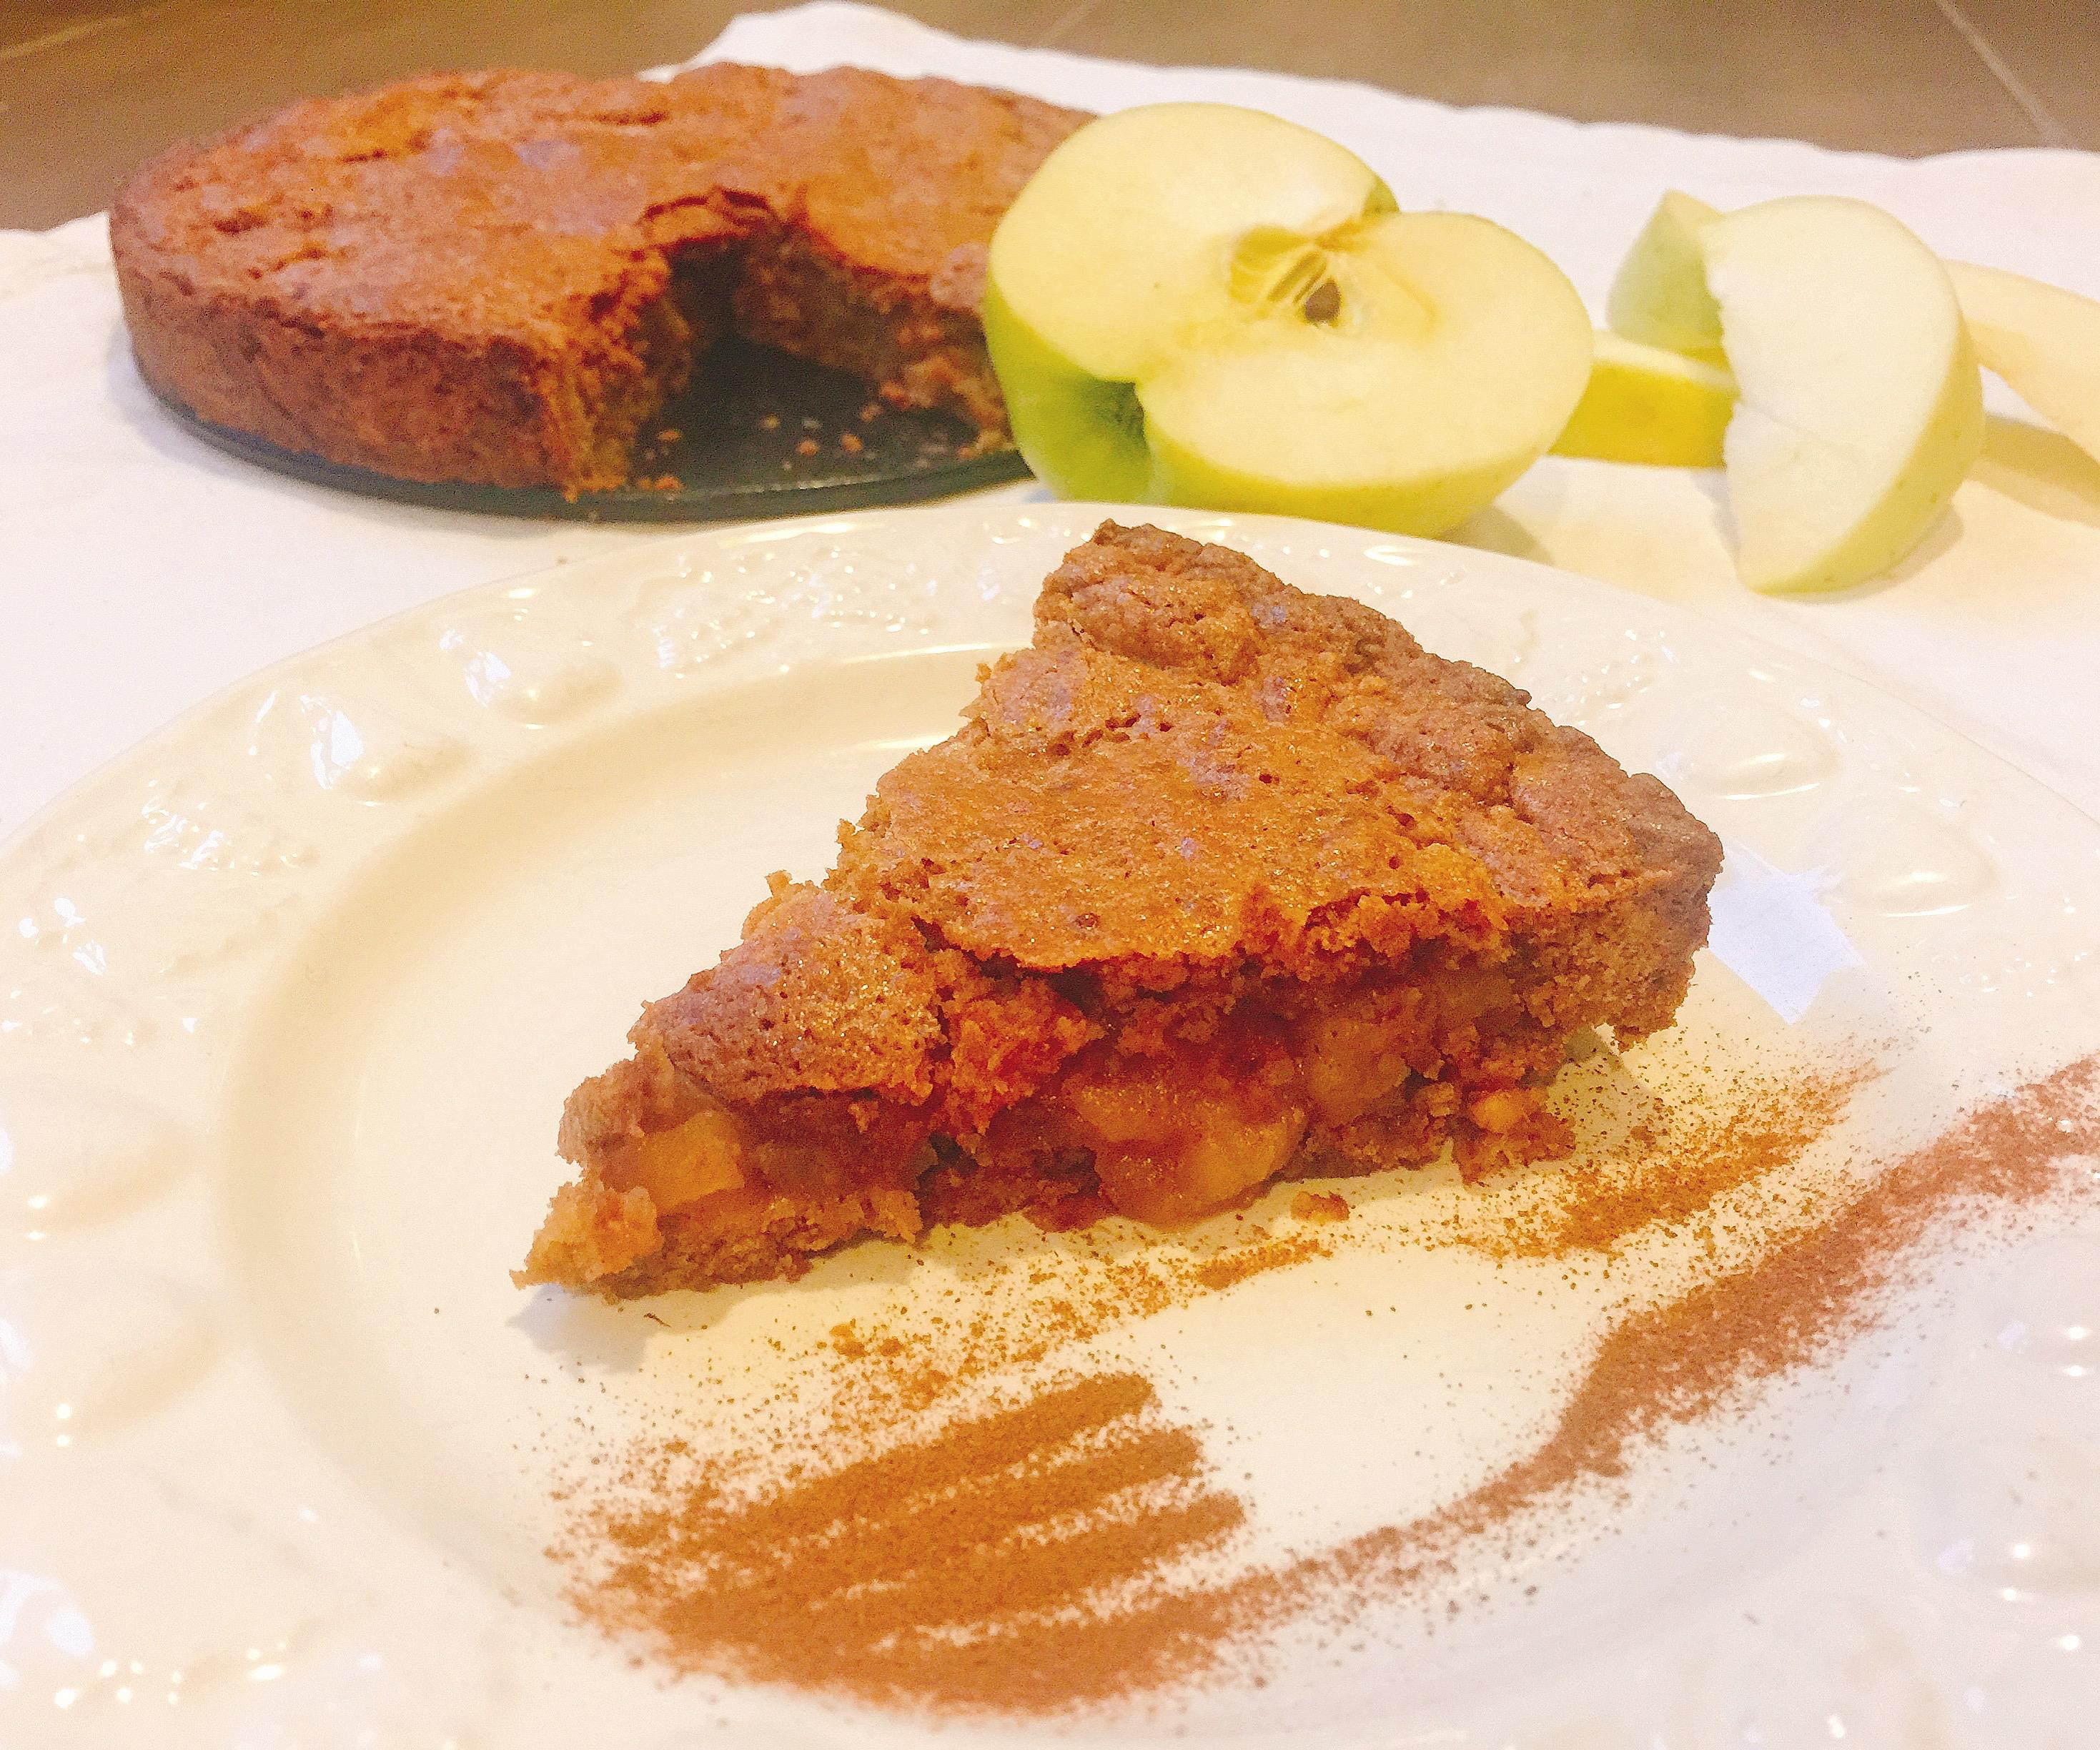 Torta Cuor di Mela Senza Burro un dolce goloso e sfizioso di dolci senza burro